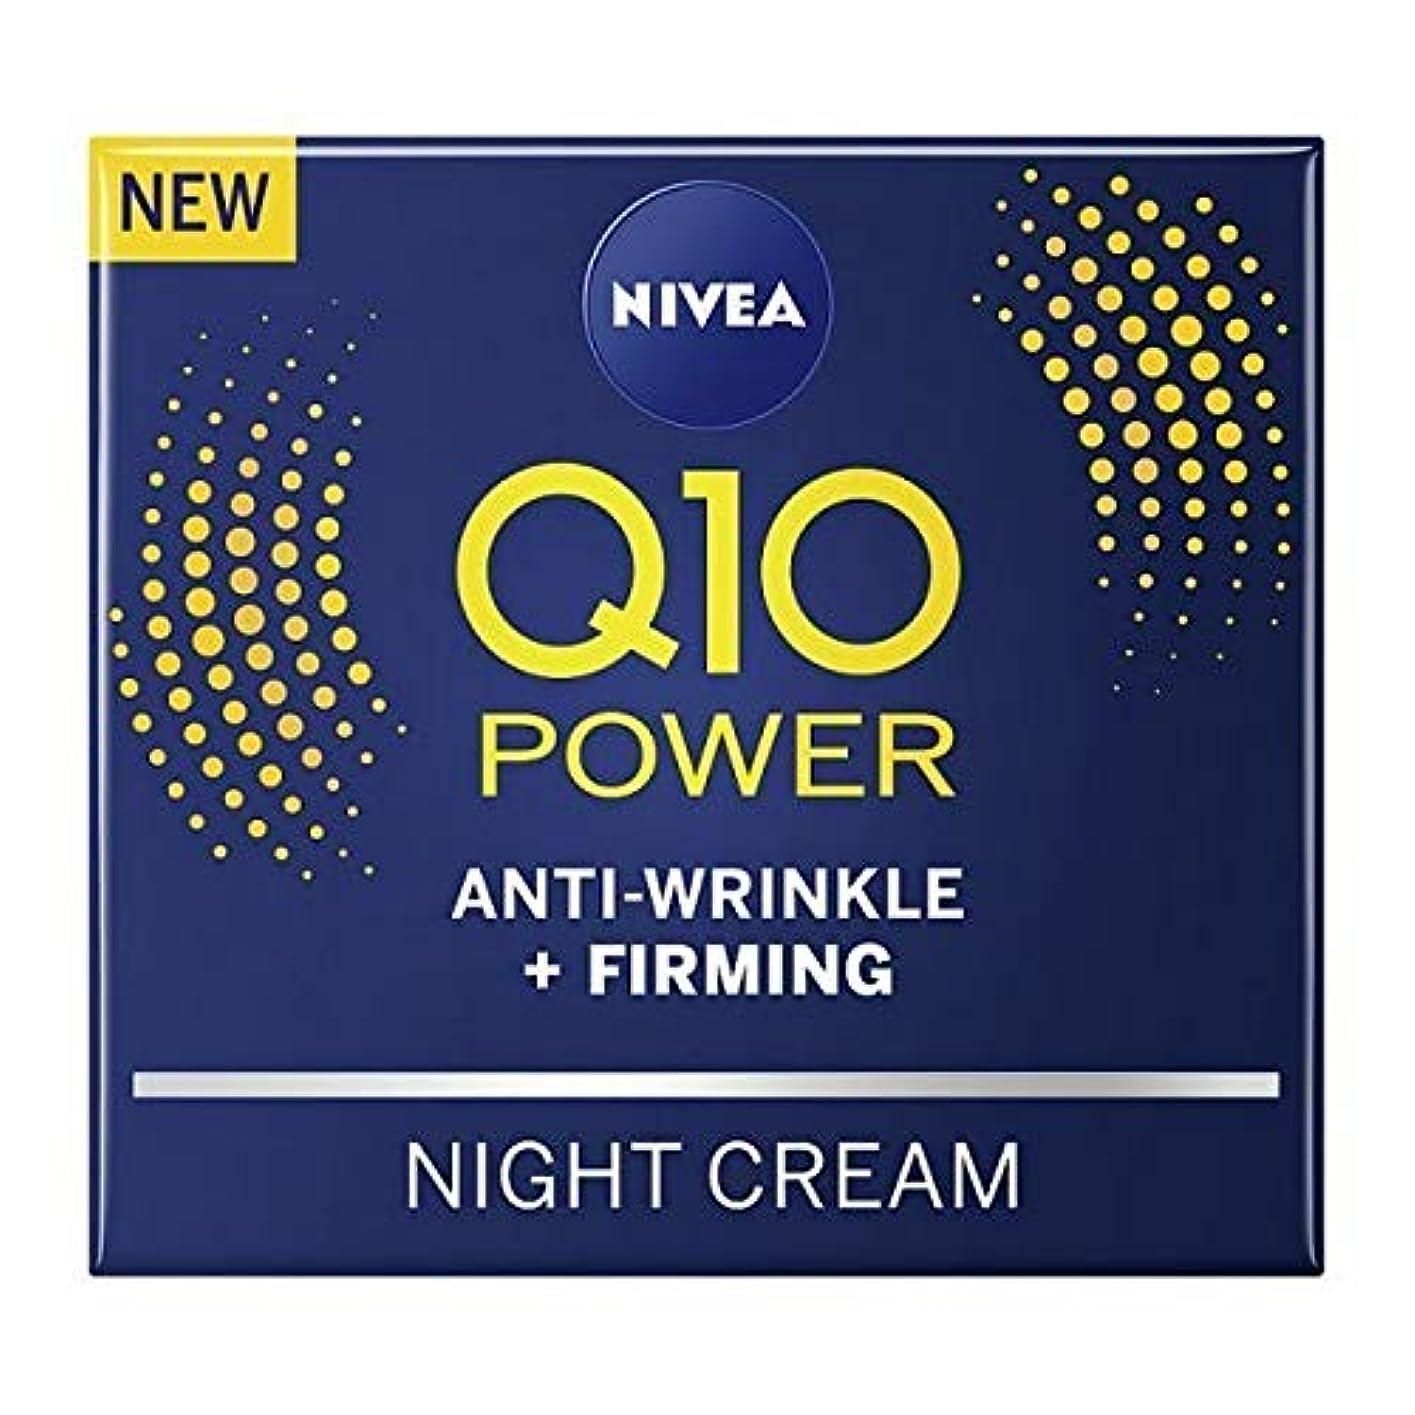 頬骨ベットスキム[Nivea ] ニベアQ10パワー抗シワ+引き締めナイトクリーム50Ml - NIVEA Q10 Power Anti-Wrinkle + Firming Night Cream 50ml [並行輸入品]